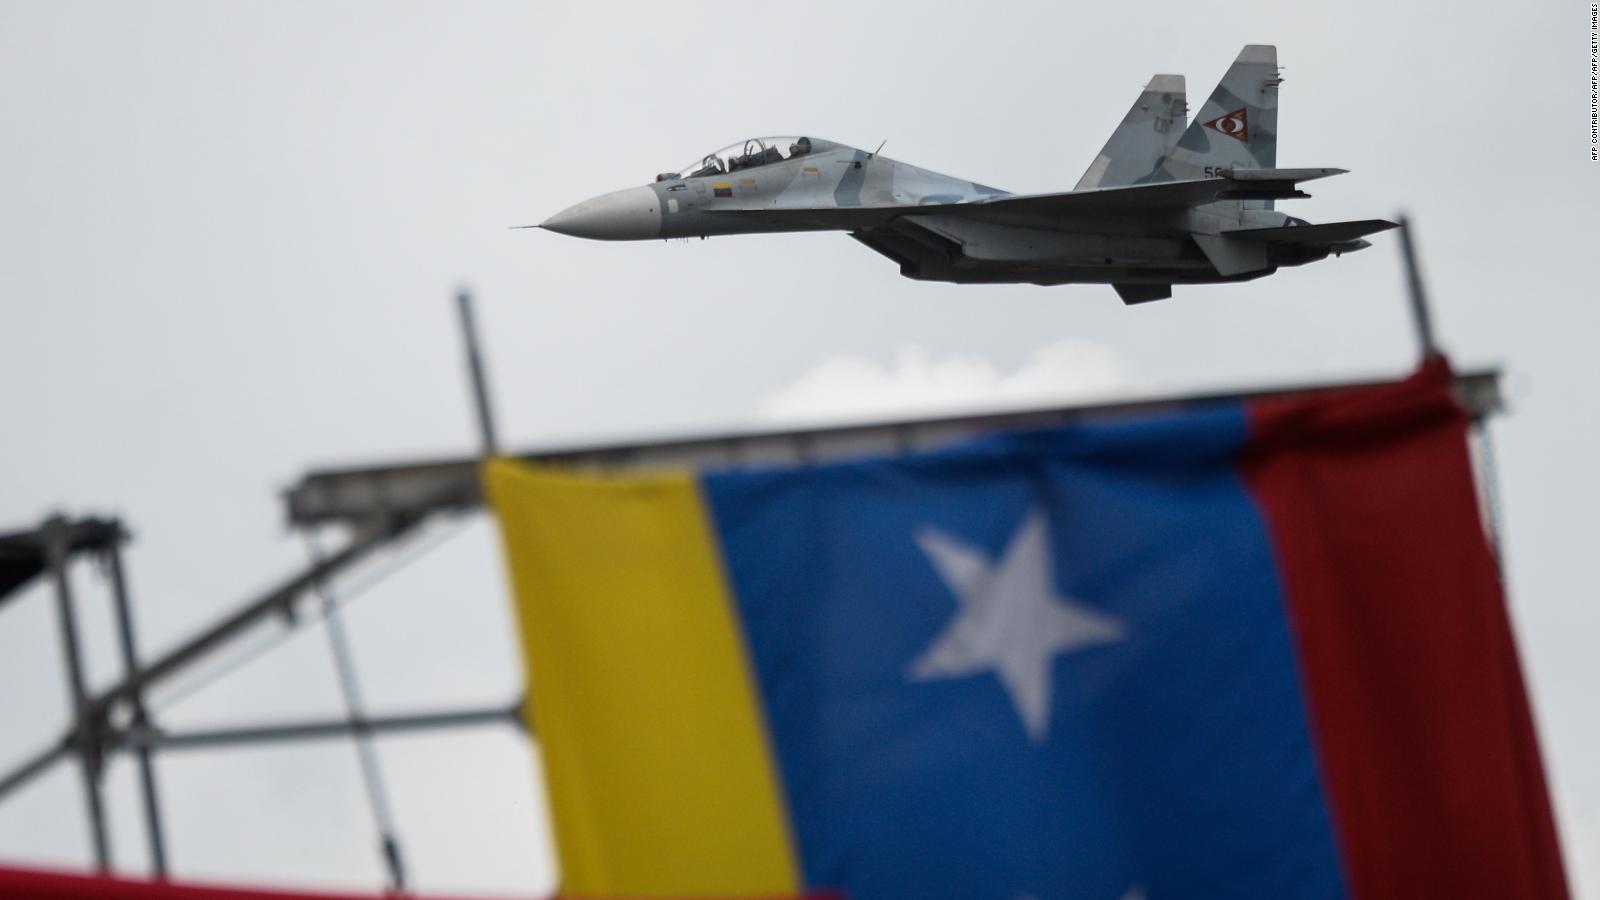 Crisis en Venezuela: ¿Cómo se vería una intervención militar?